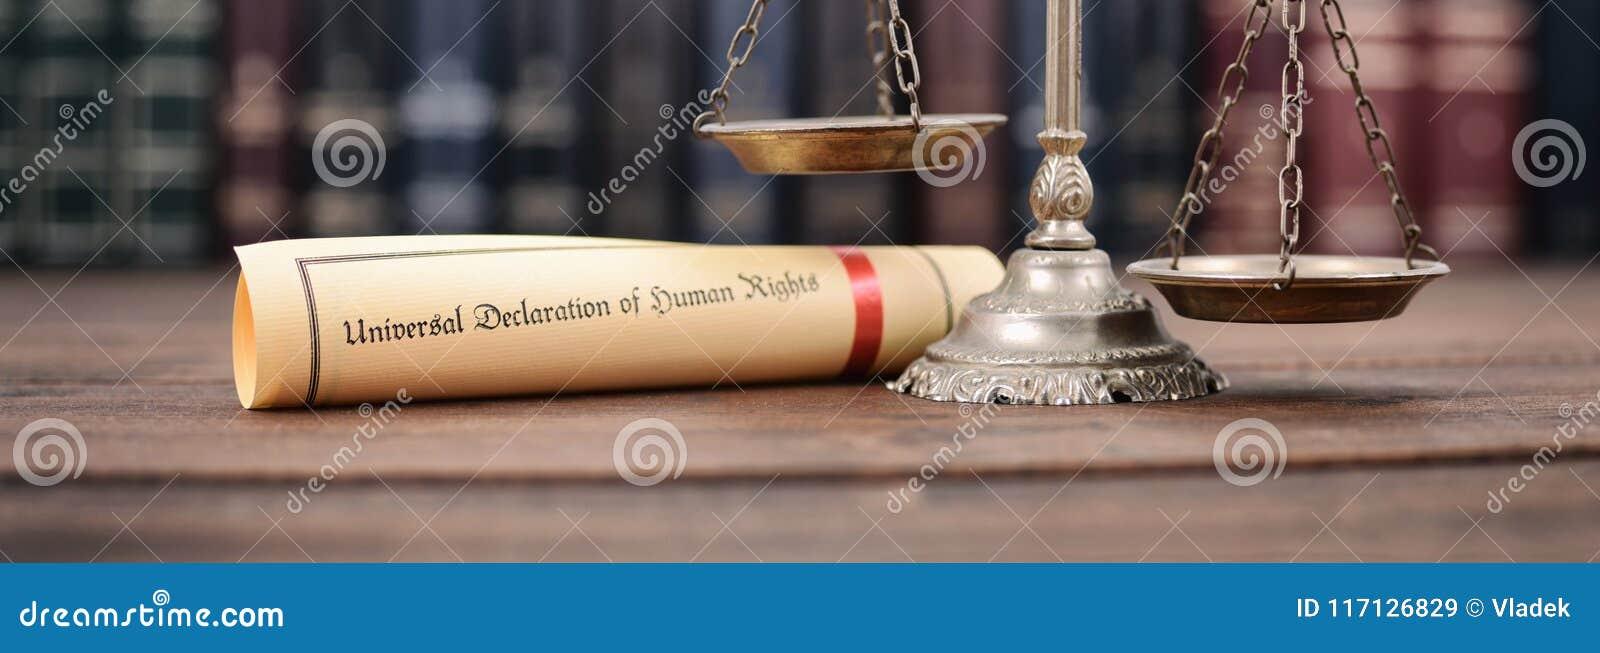 Bilancia della giustizia, dichiarazione universale dei diritti umani